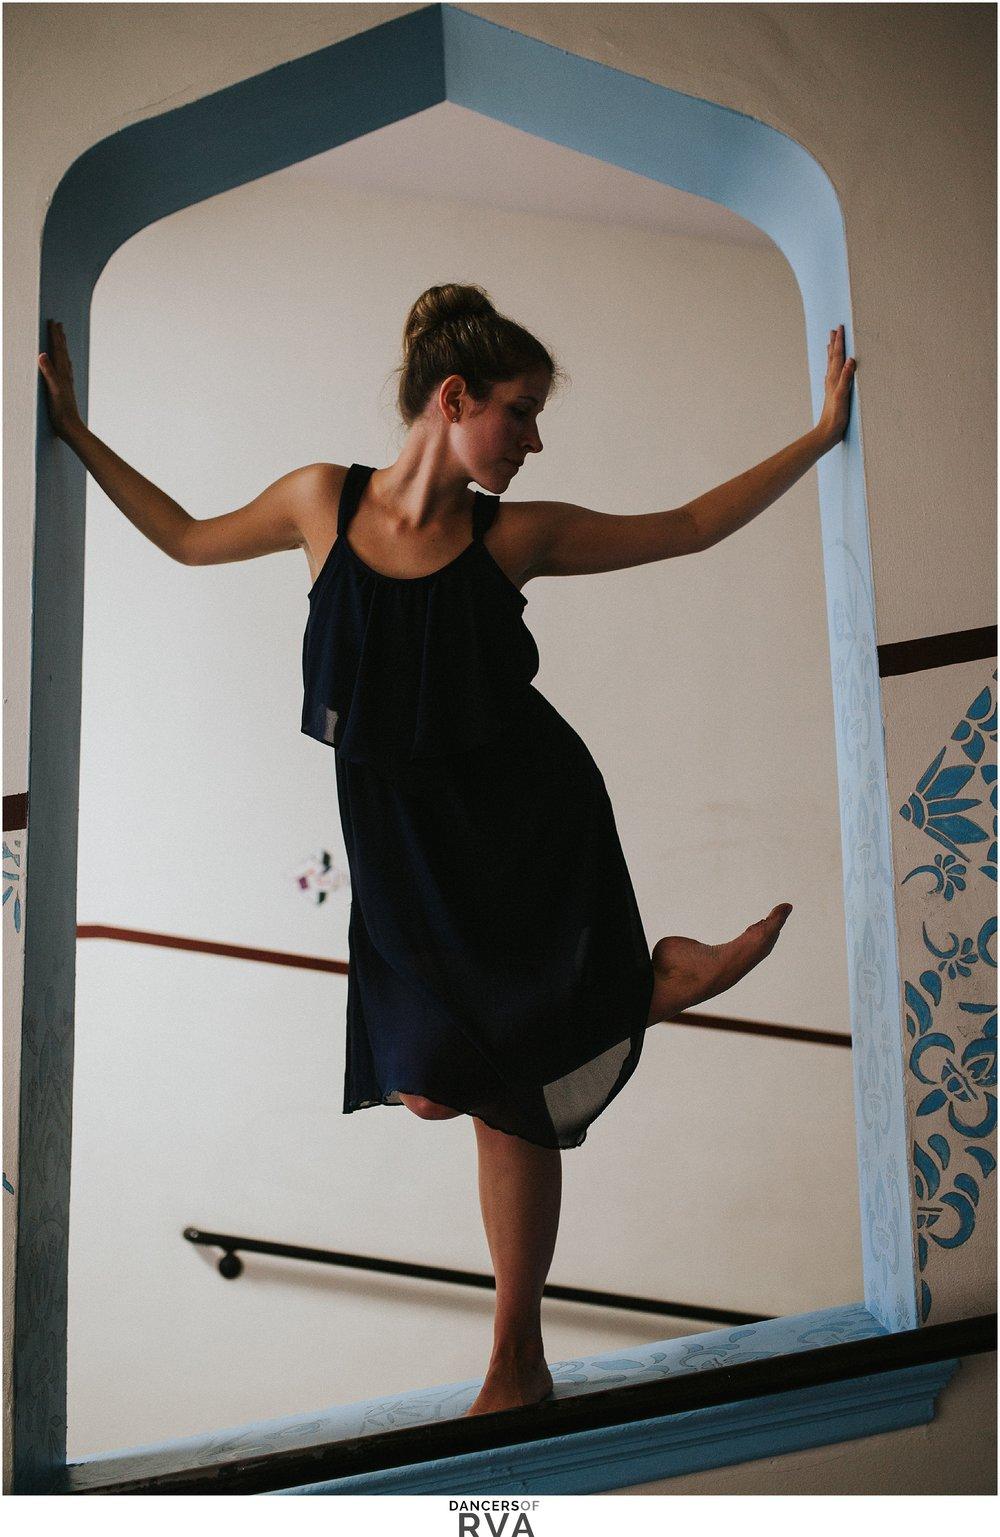 Bidford Middle School Teacher dances in the hallway of her school